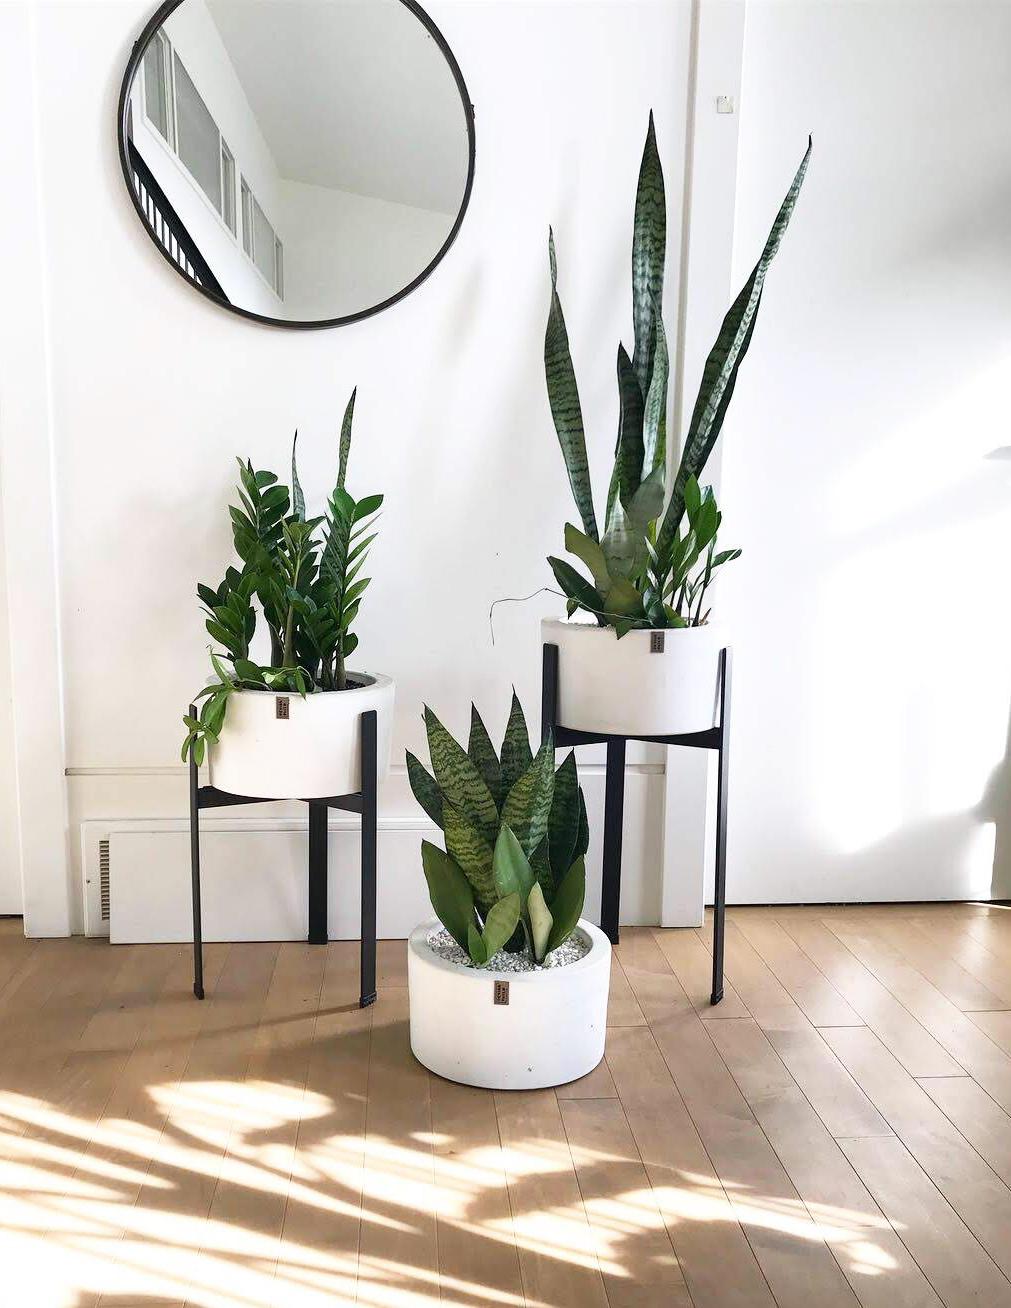 Design Build Plants